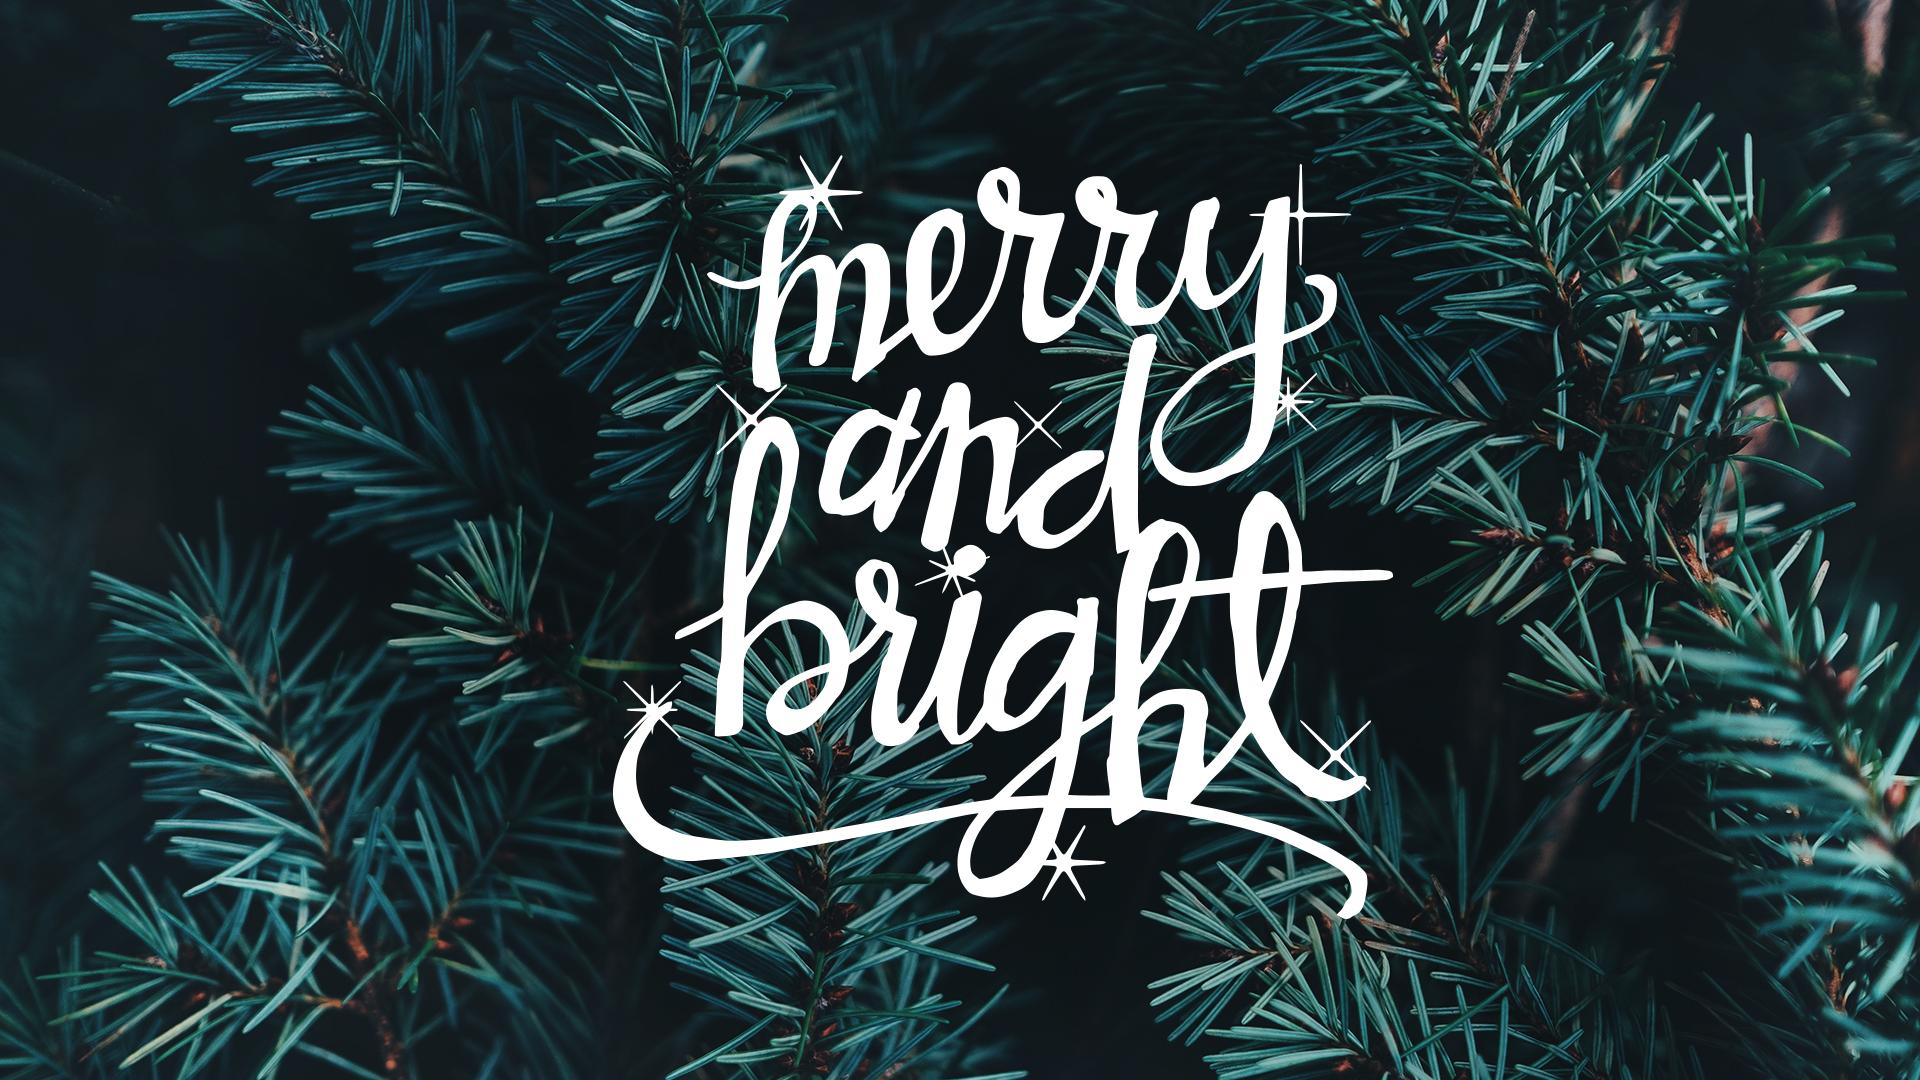 Merry bright idea 1